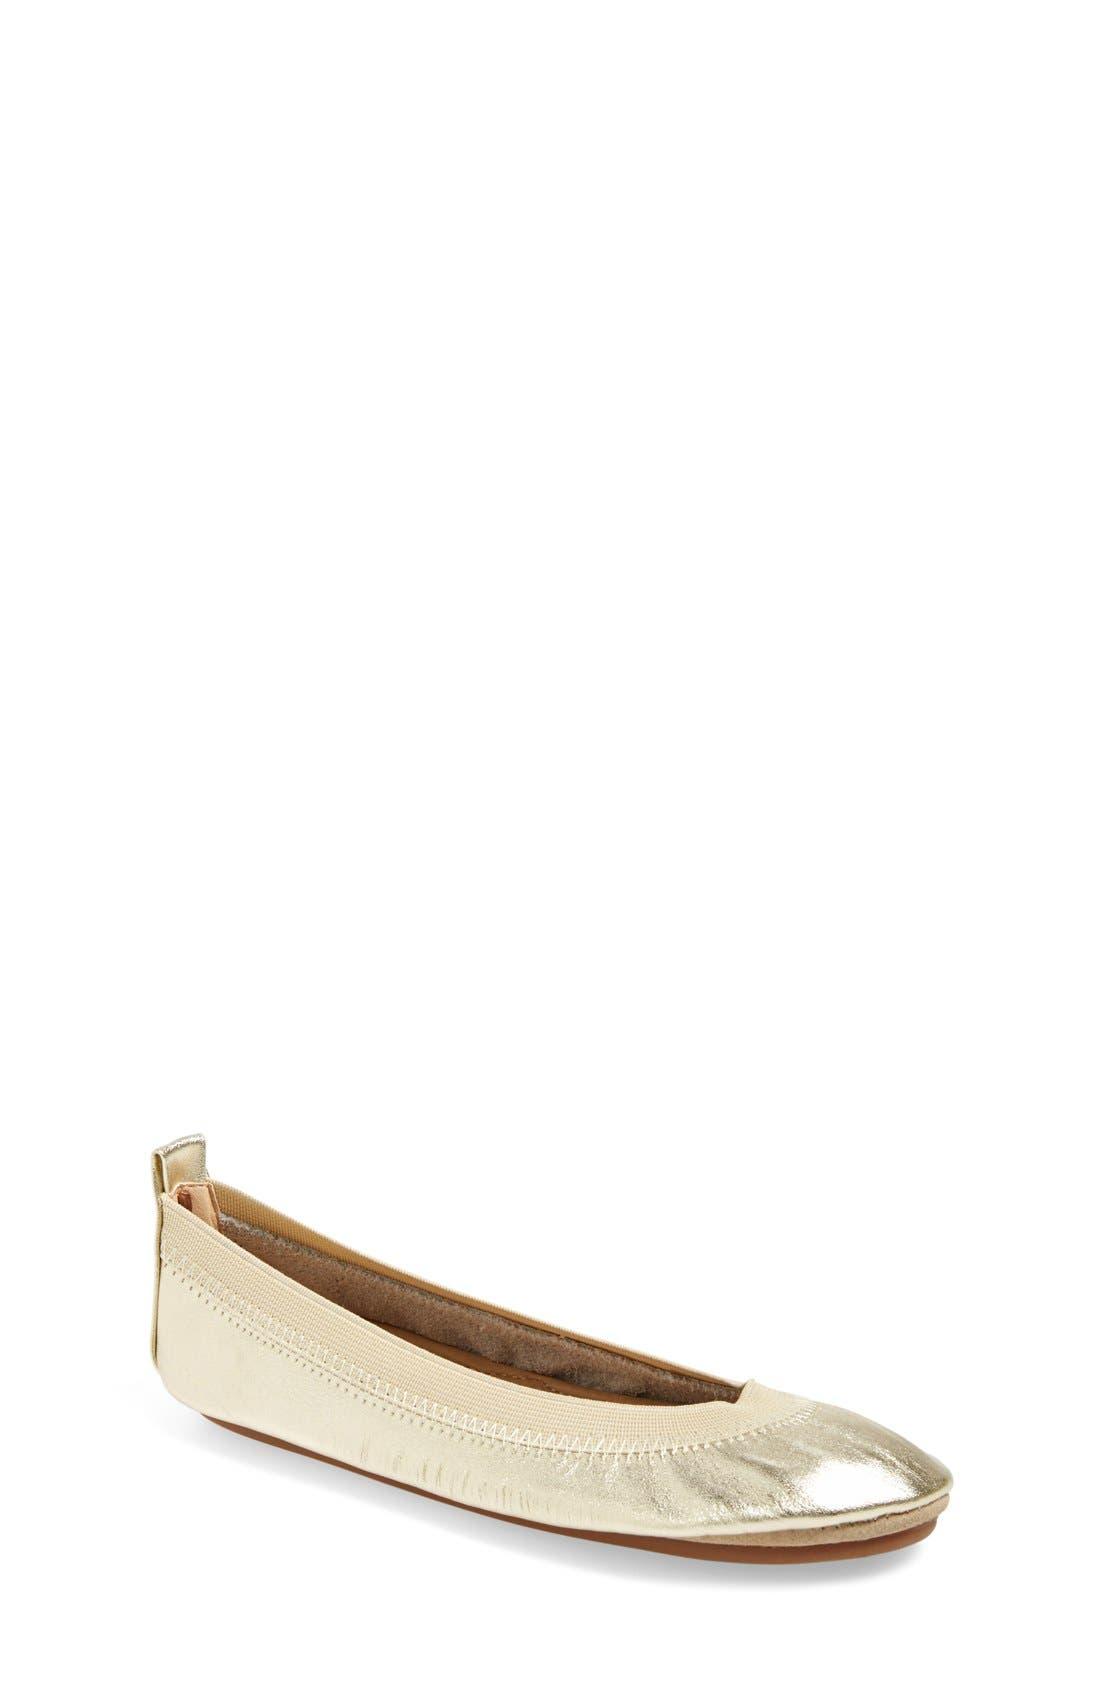 Yosi Samra Metallic Foldable Ballet Flat (Toddler, Little Kid & Big Kid)